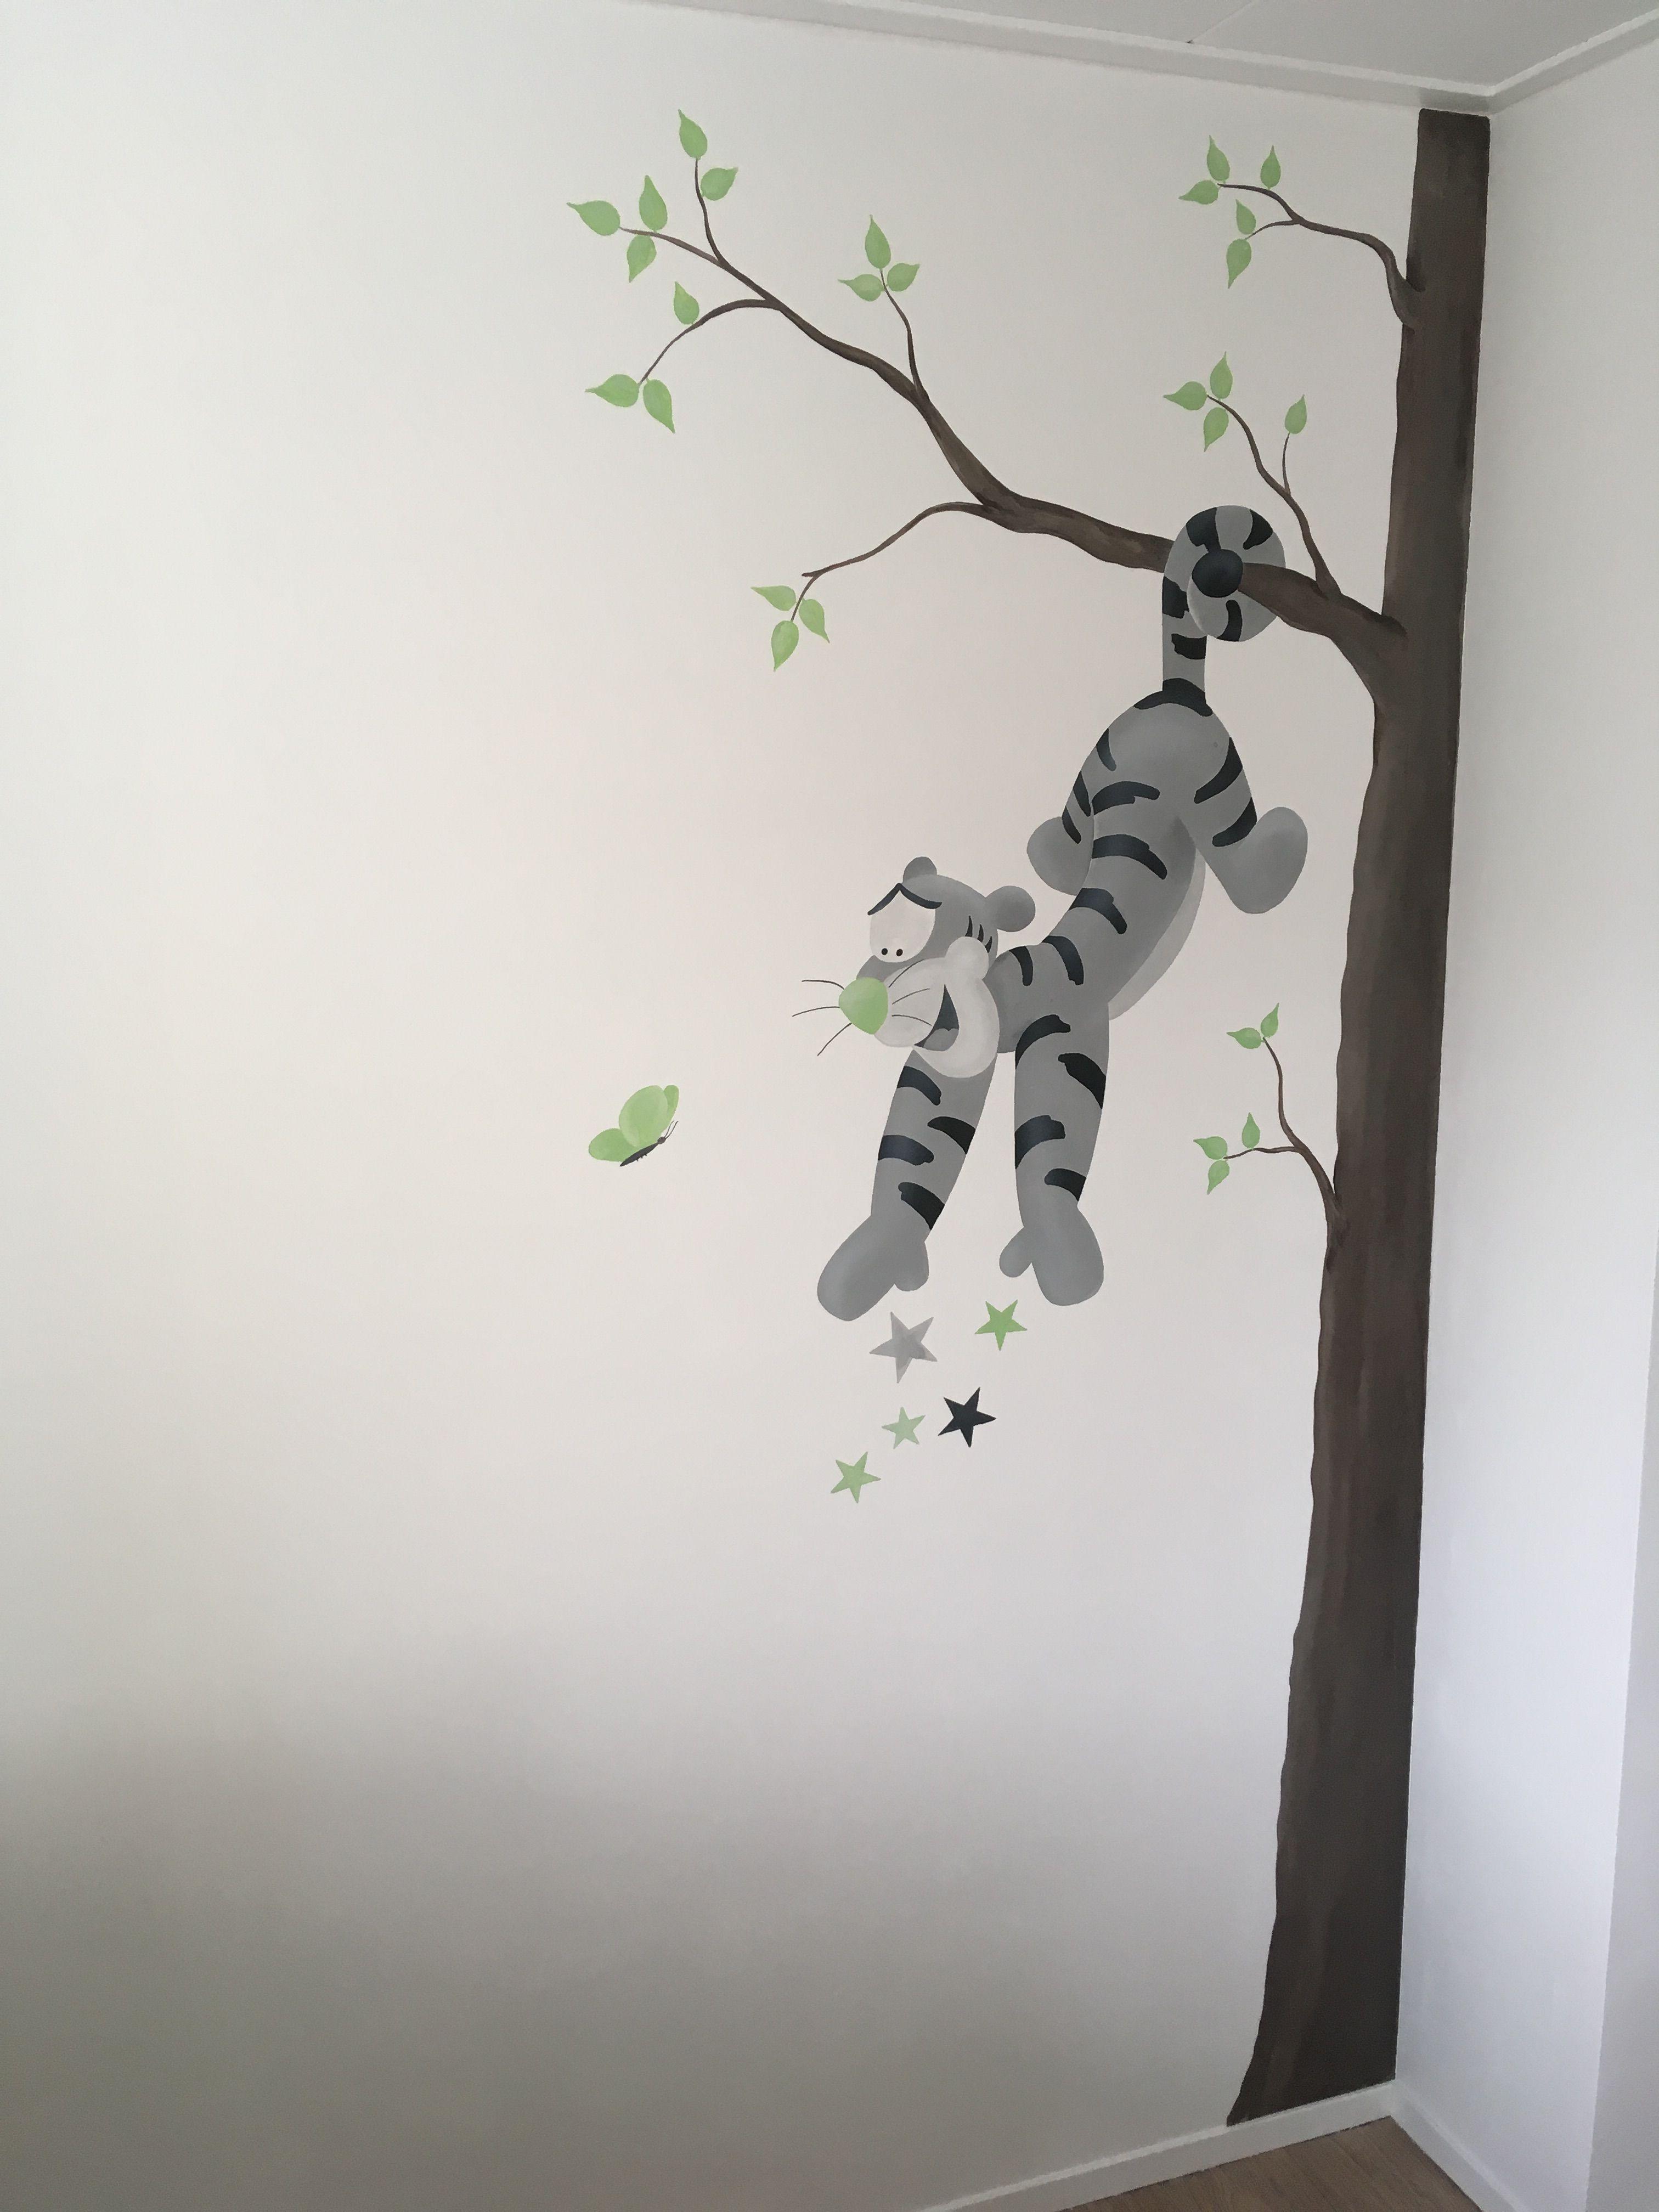 Muurstickers Babykamer Tijgertje.Muurschildering Van Tijgertje Op Een Babykamer Gemaakt Door